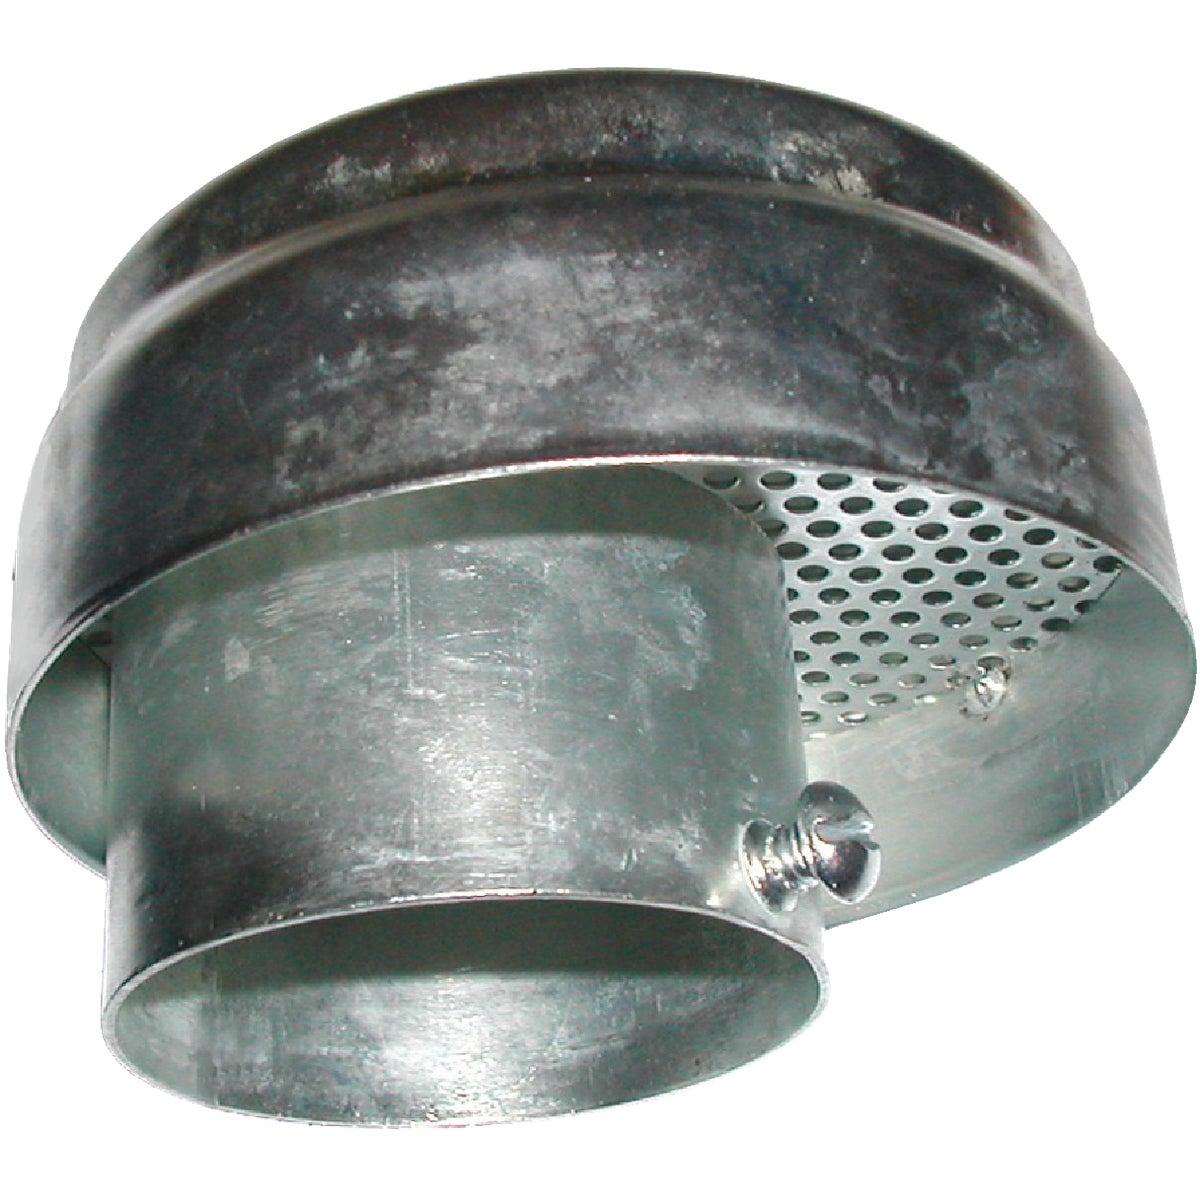 1-1/4 SLPON TNK VENT CAP